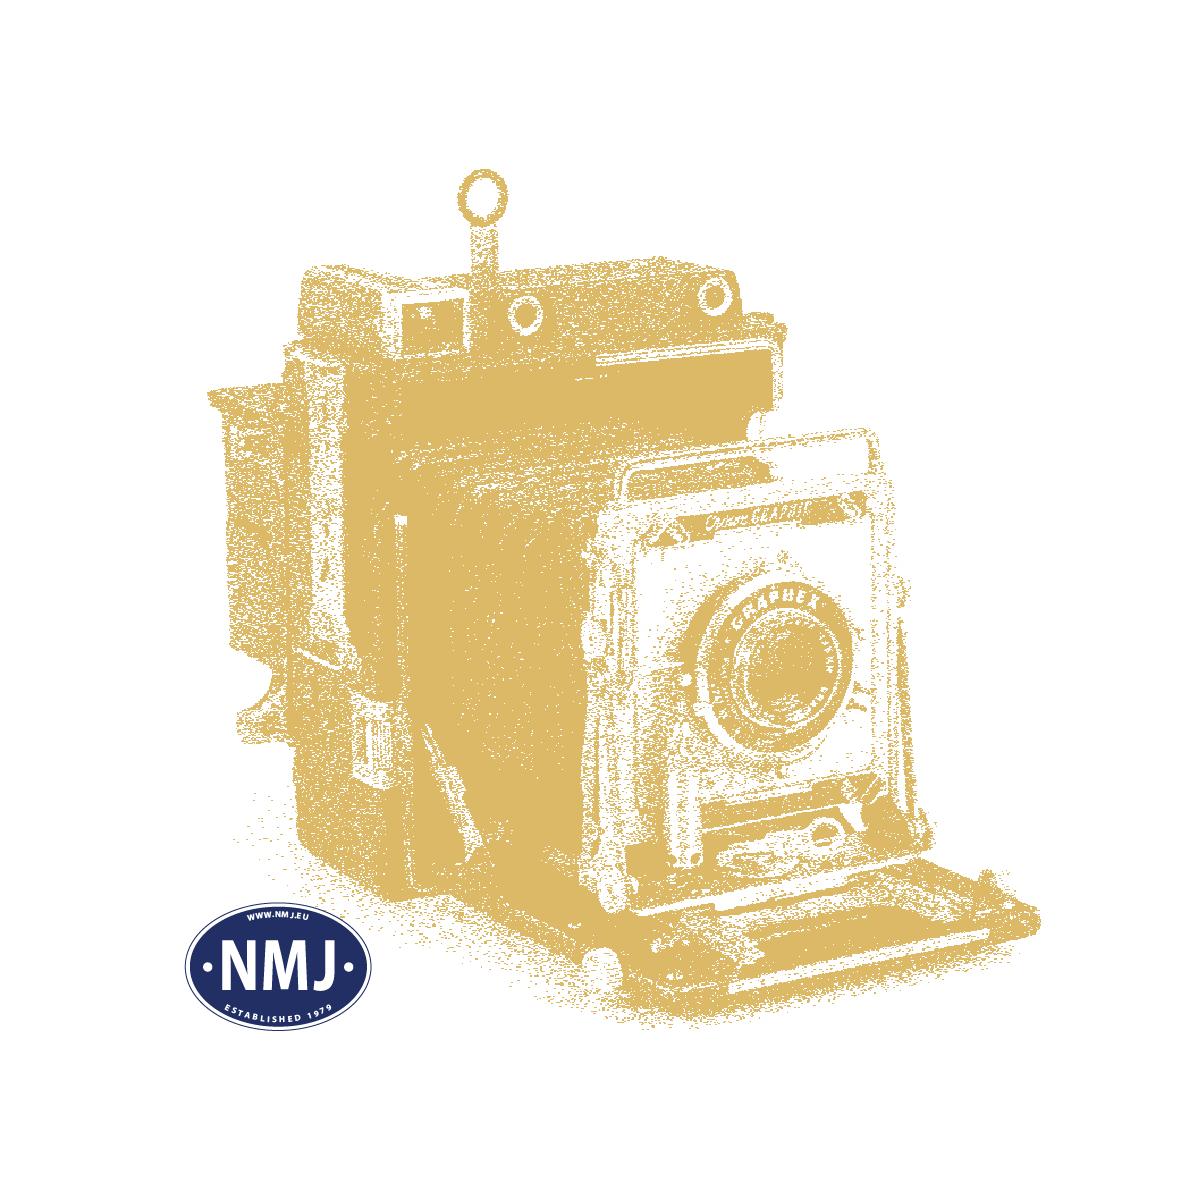 NMJT501.106 - NMJ Topline Os 21 76 370 0 047-2 Rungenwagen der NSB